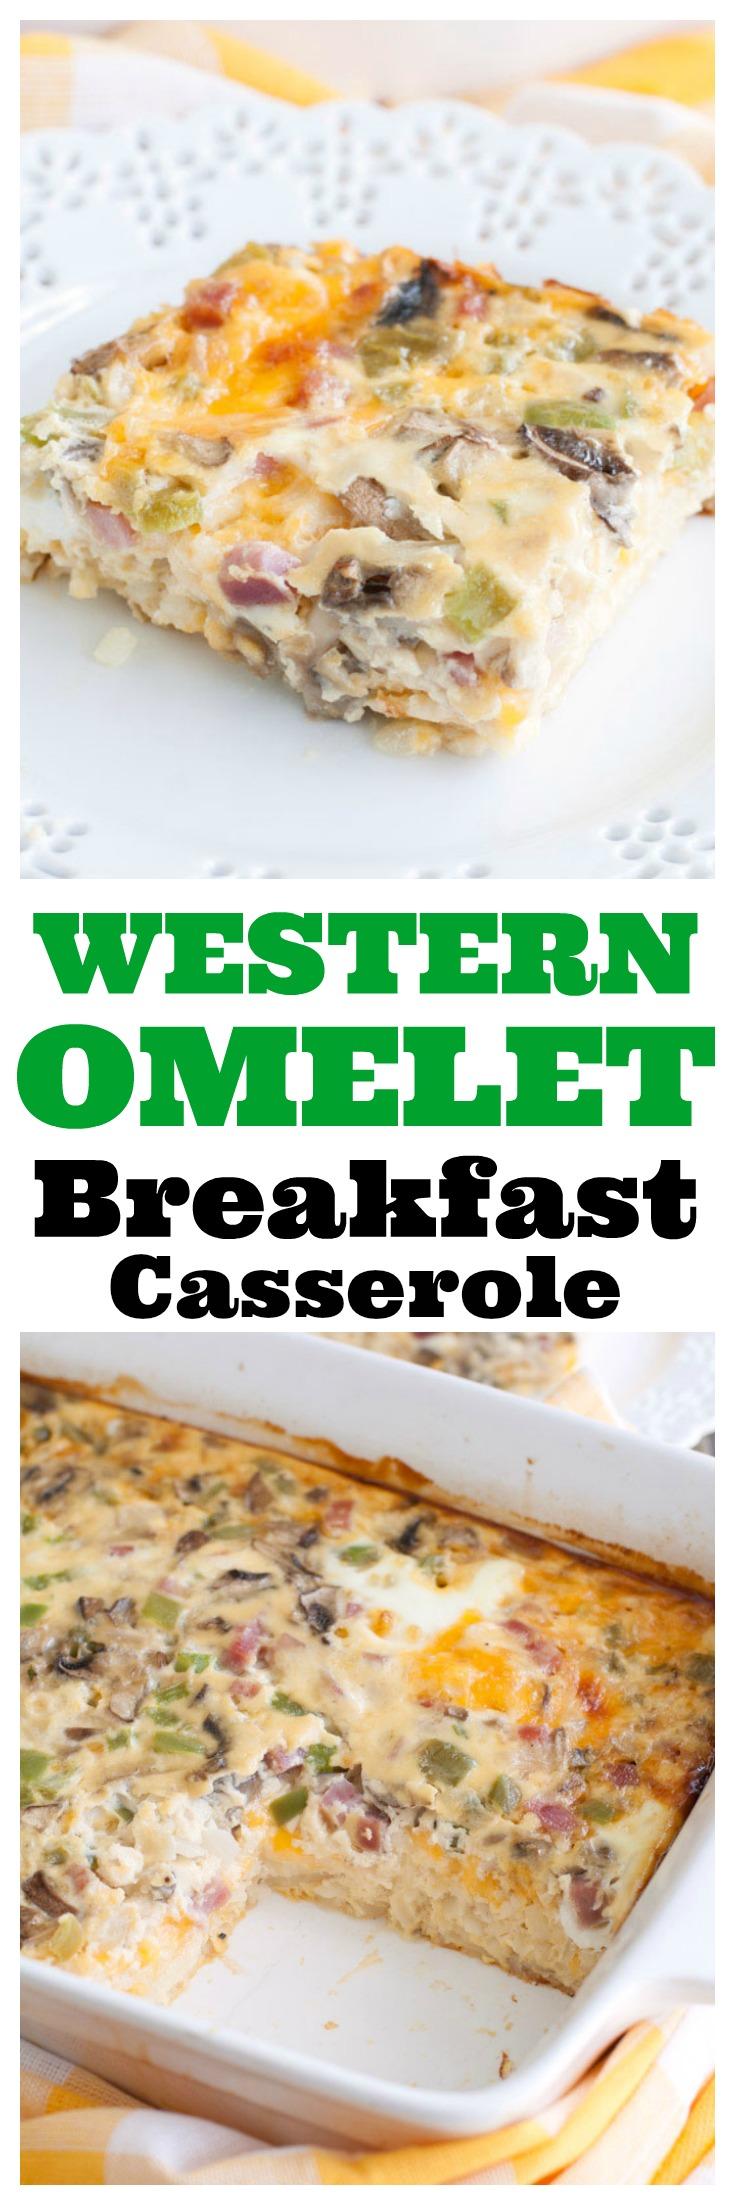 Western Omelet Breakfast Casserole PIN